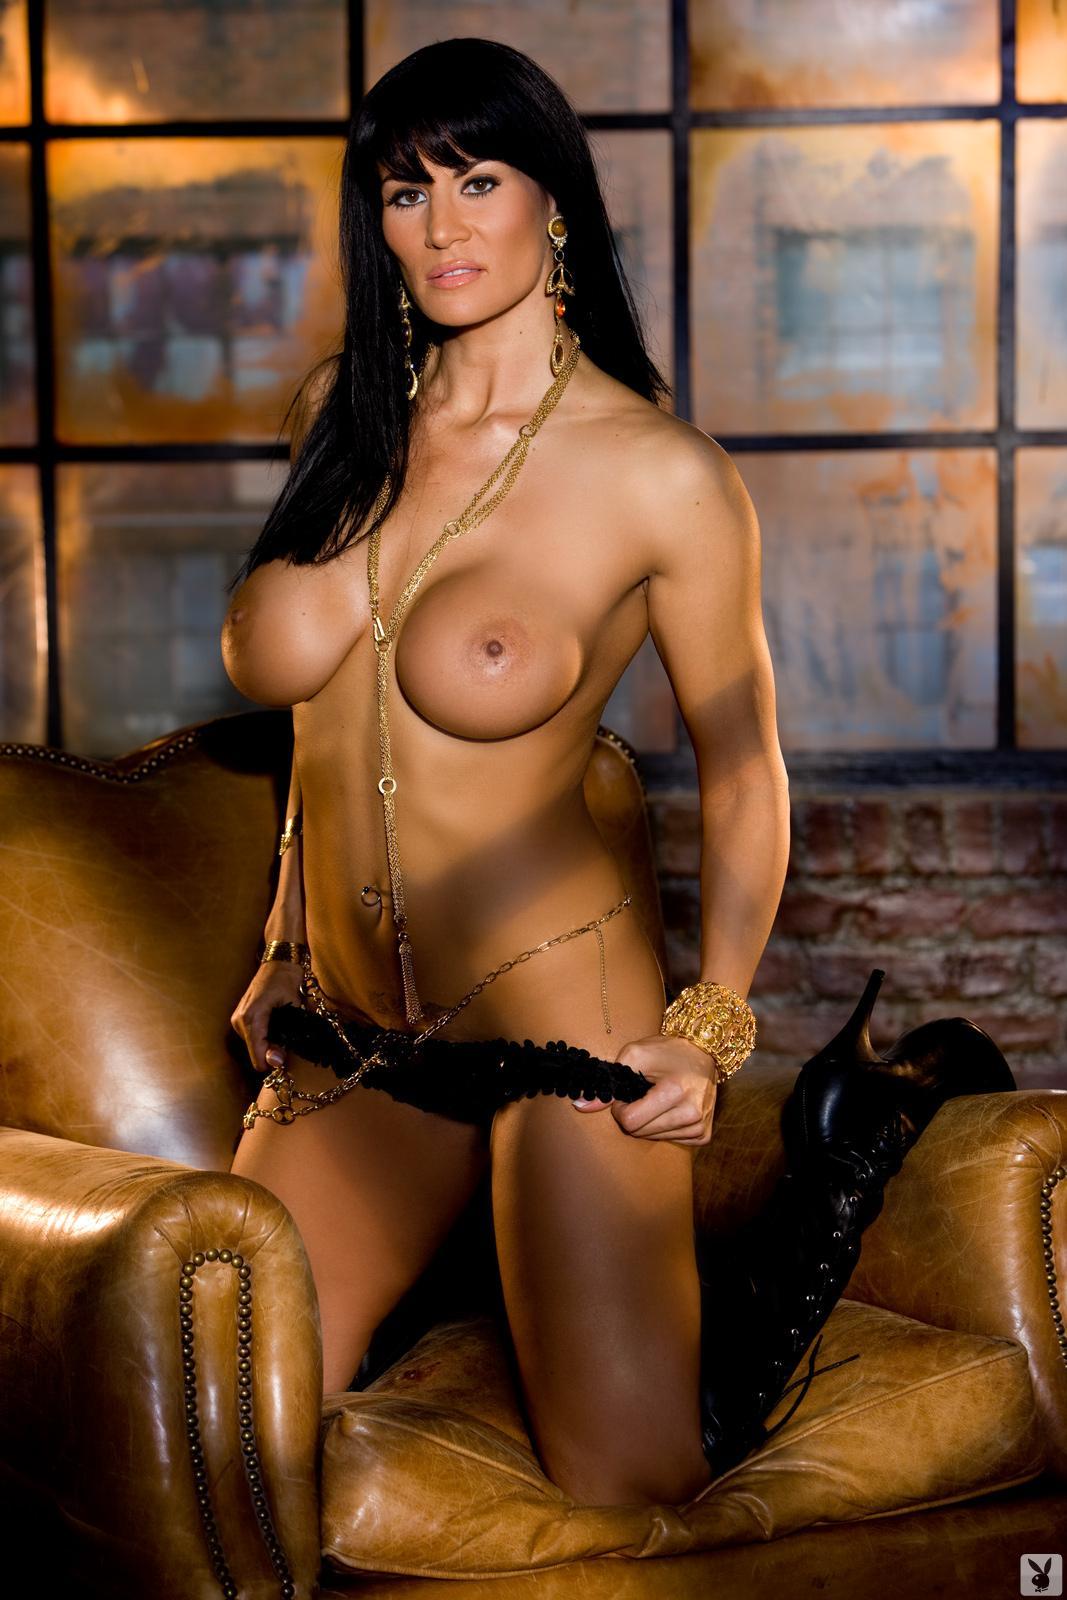 Telugu nude photographs actress